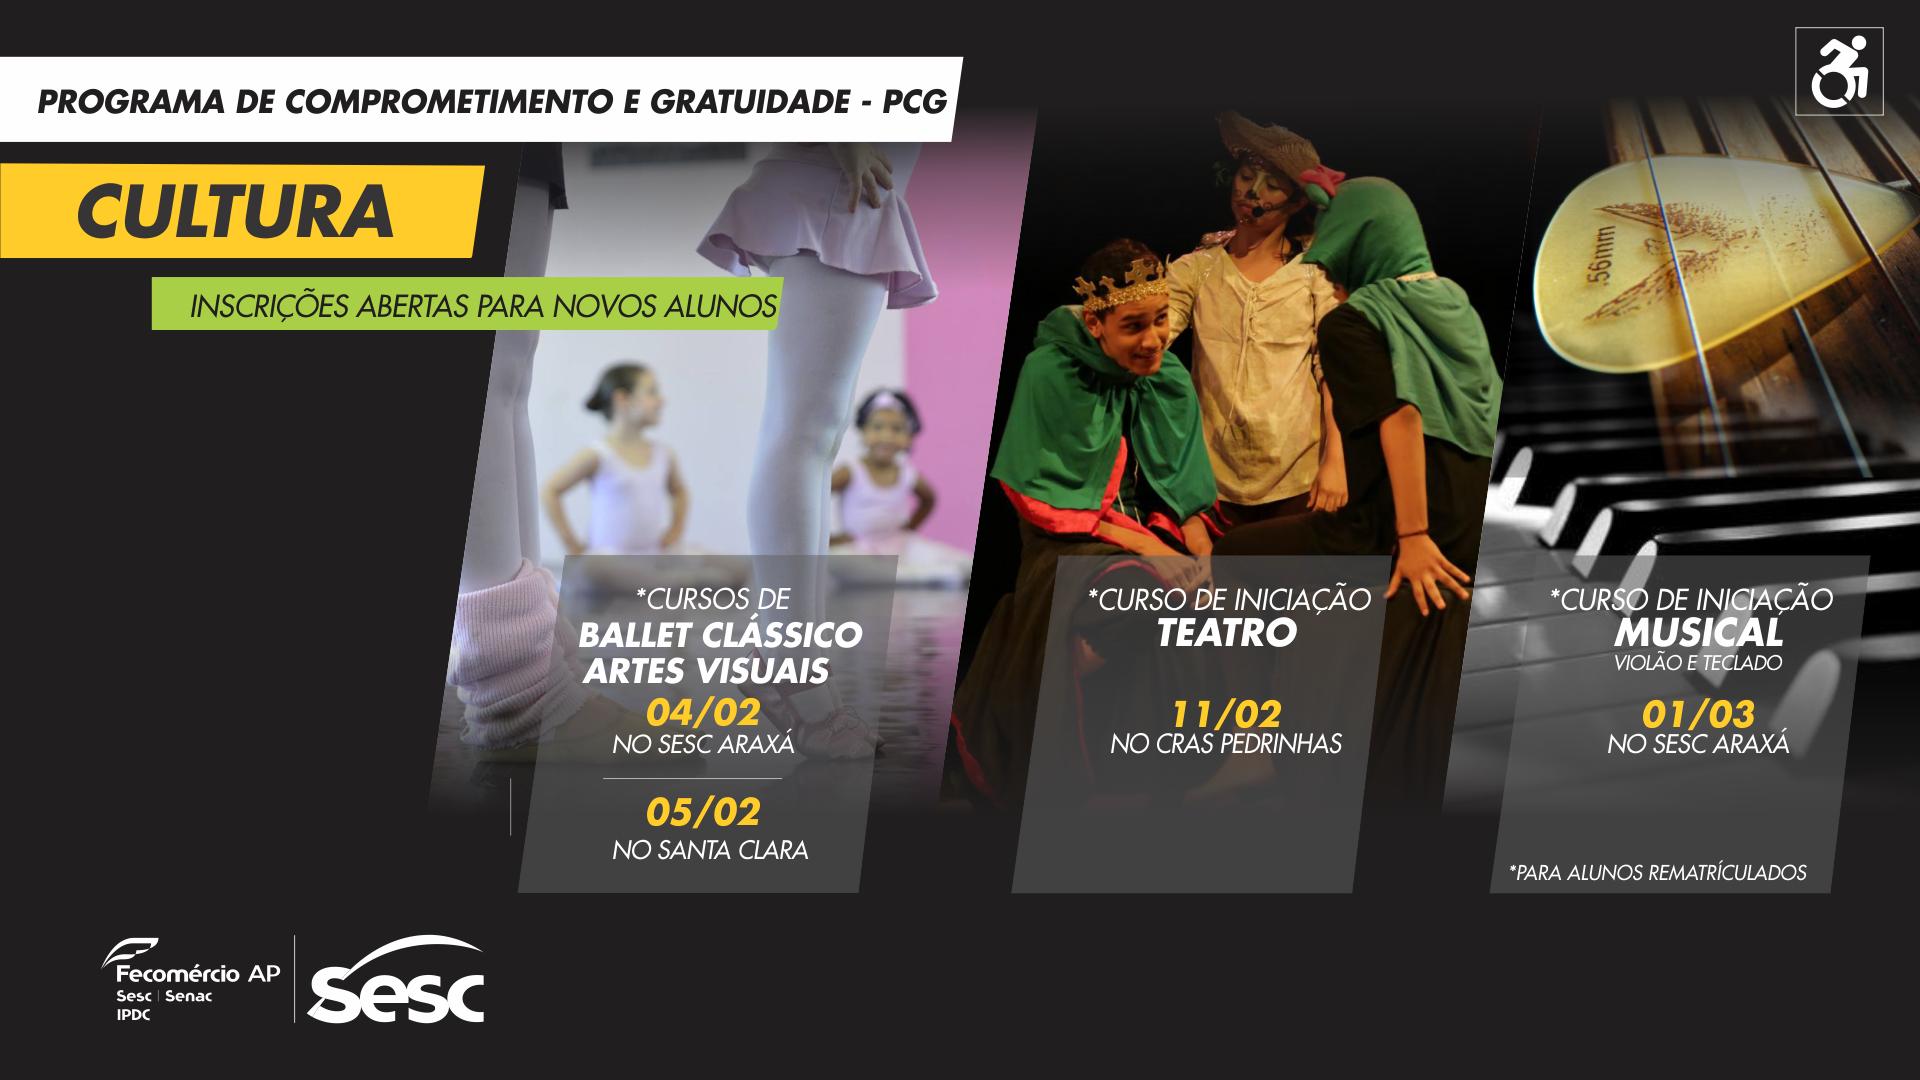 Inscrições para cursos de artes visuais, ballet e iniciação musical irão até 15 de fevereiro.